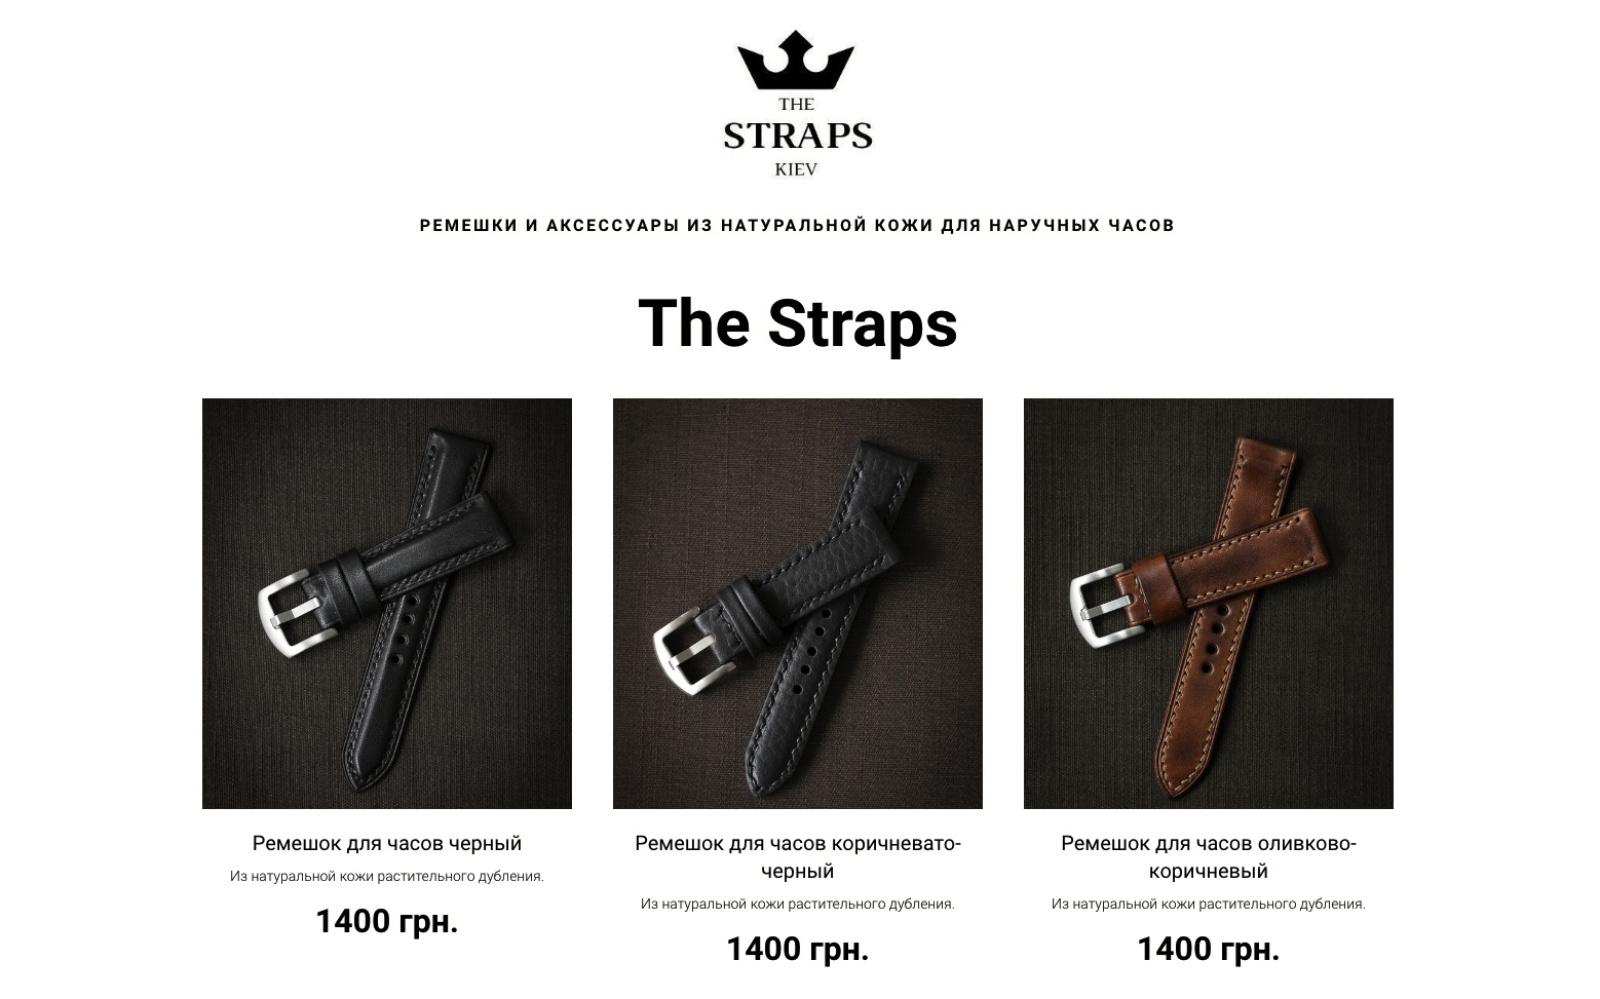 Фото Простой интернет-магазин ремешков для наручных часов и аксессуаров из натуральной кожи на Tilda.